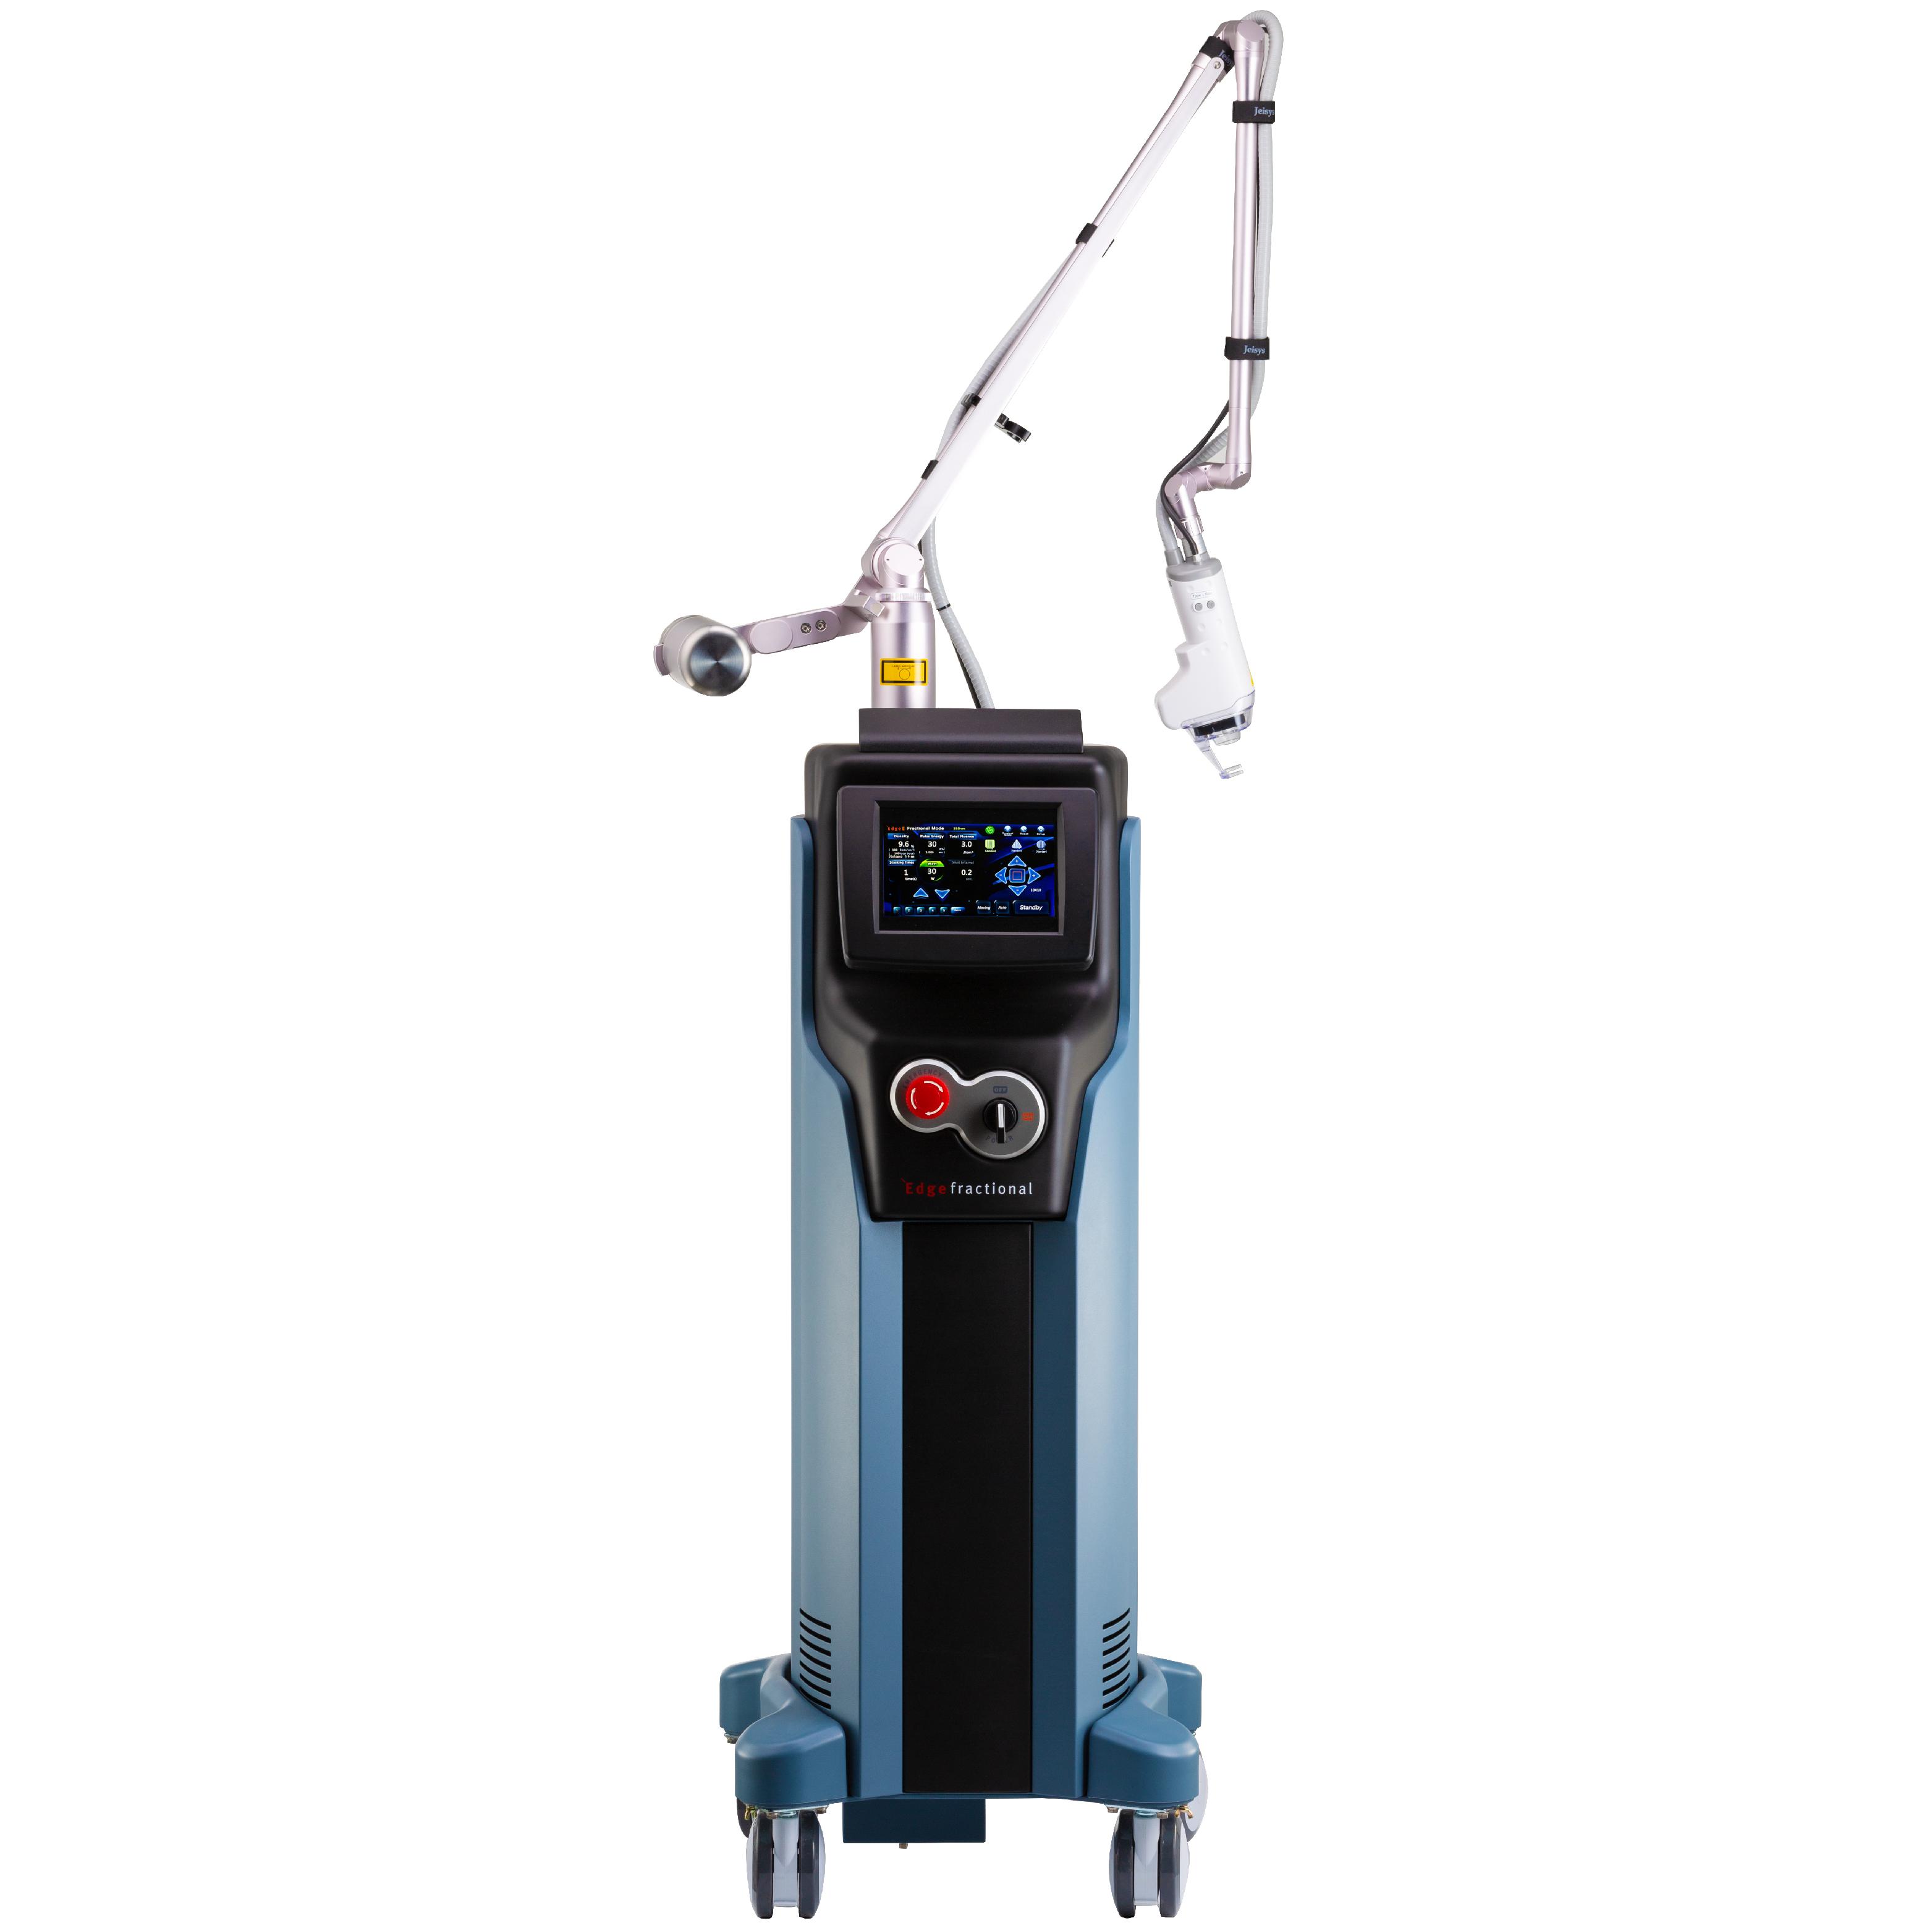 EdgeII艾丽姿二氧化碳点阵激光治疗仪